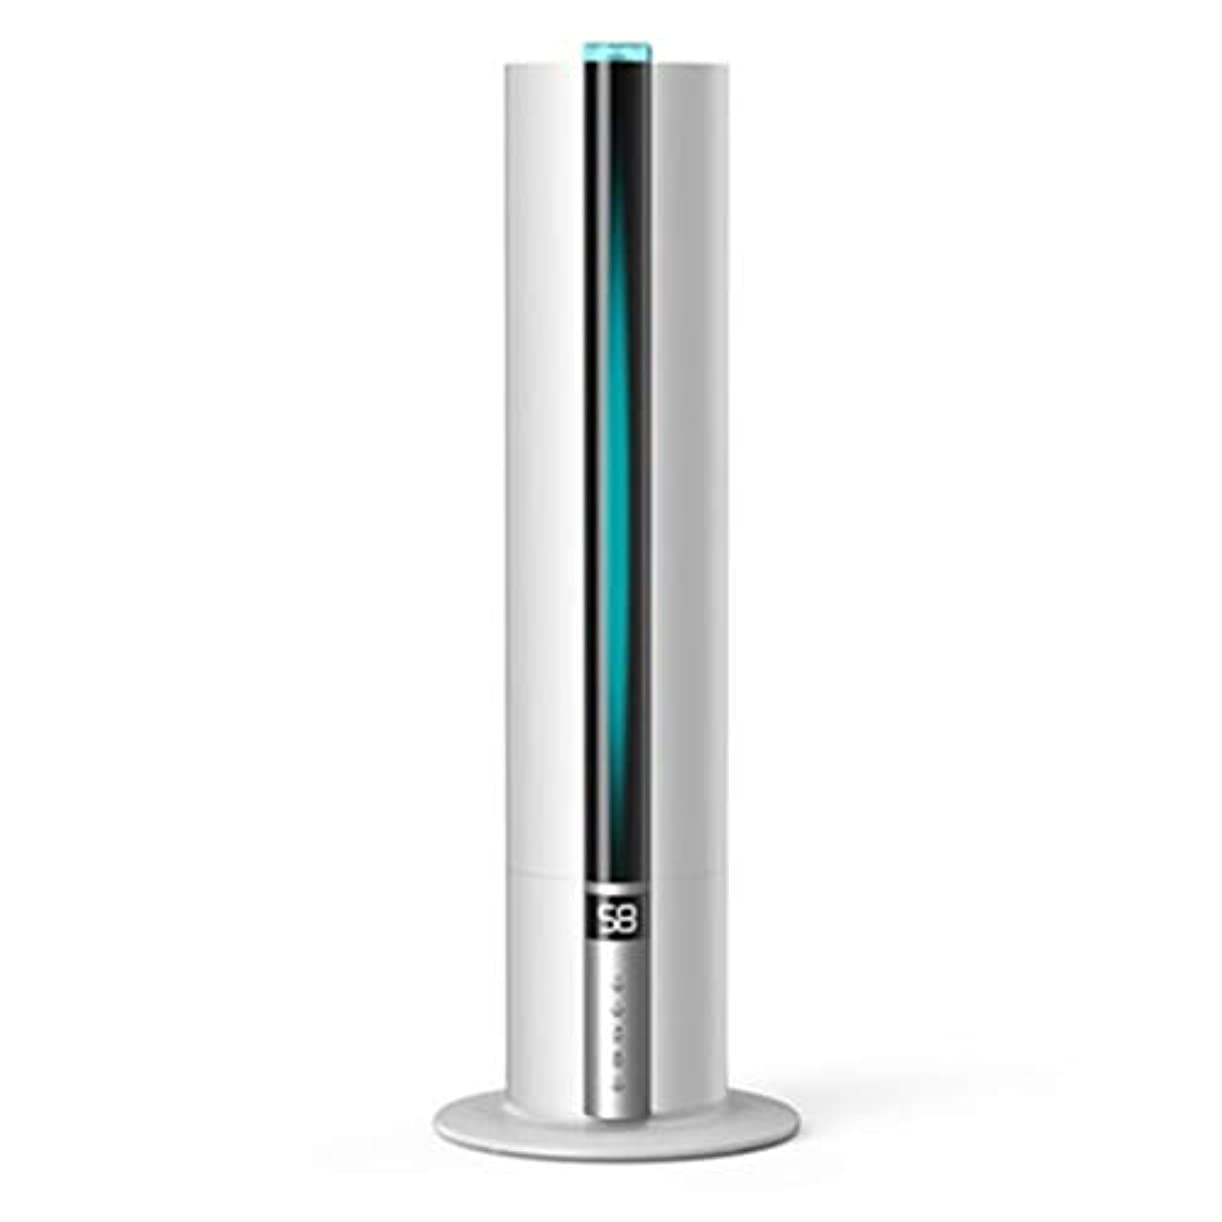 端ましい露超音波クールミスト加湿器7.5L超静音インテリジェント純恒湿、ウォーターレスオートオフ超静音(色:黒) (Color : White)